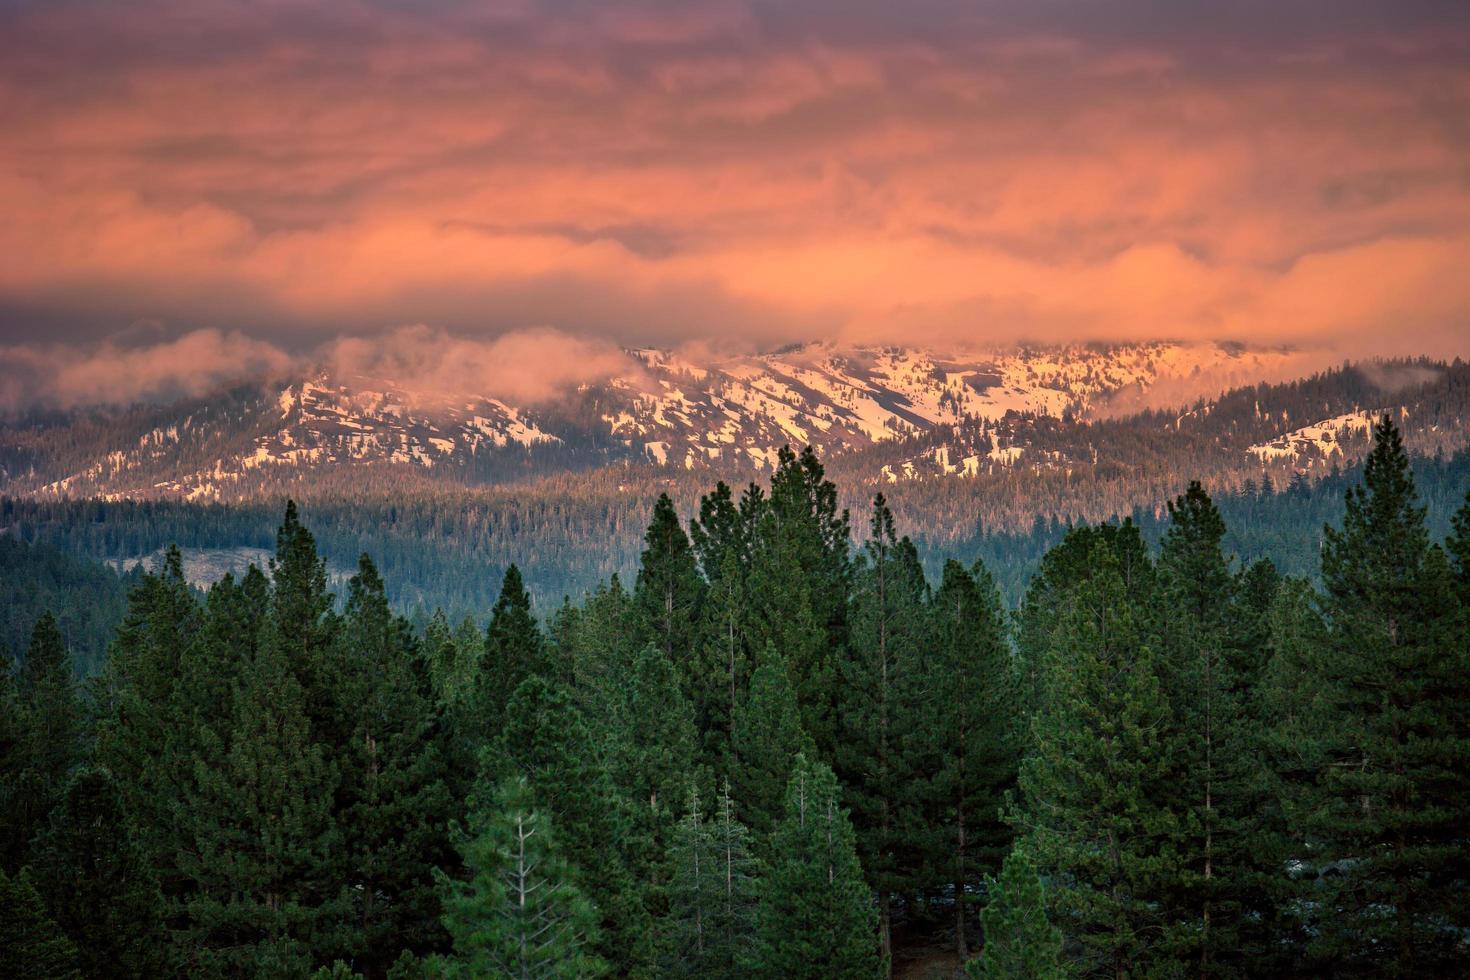 alberi davanti alle montagne al tramonto foto